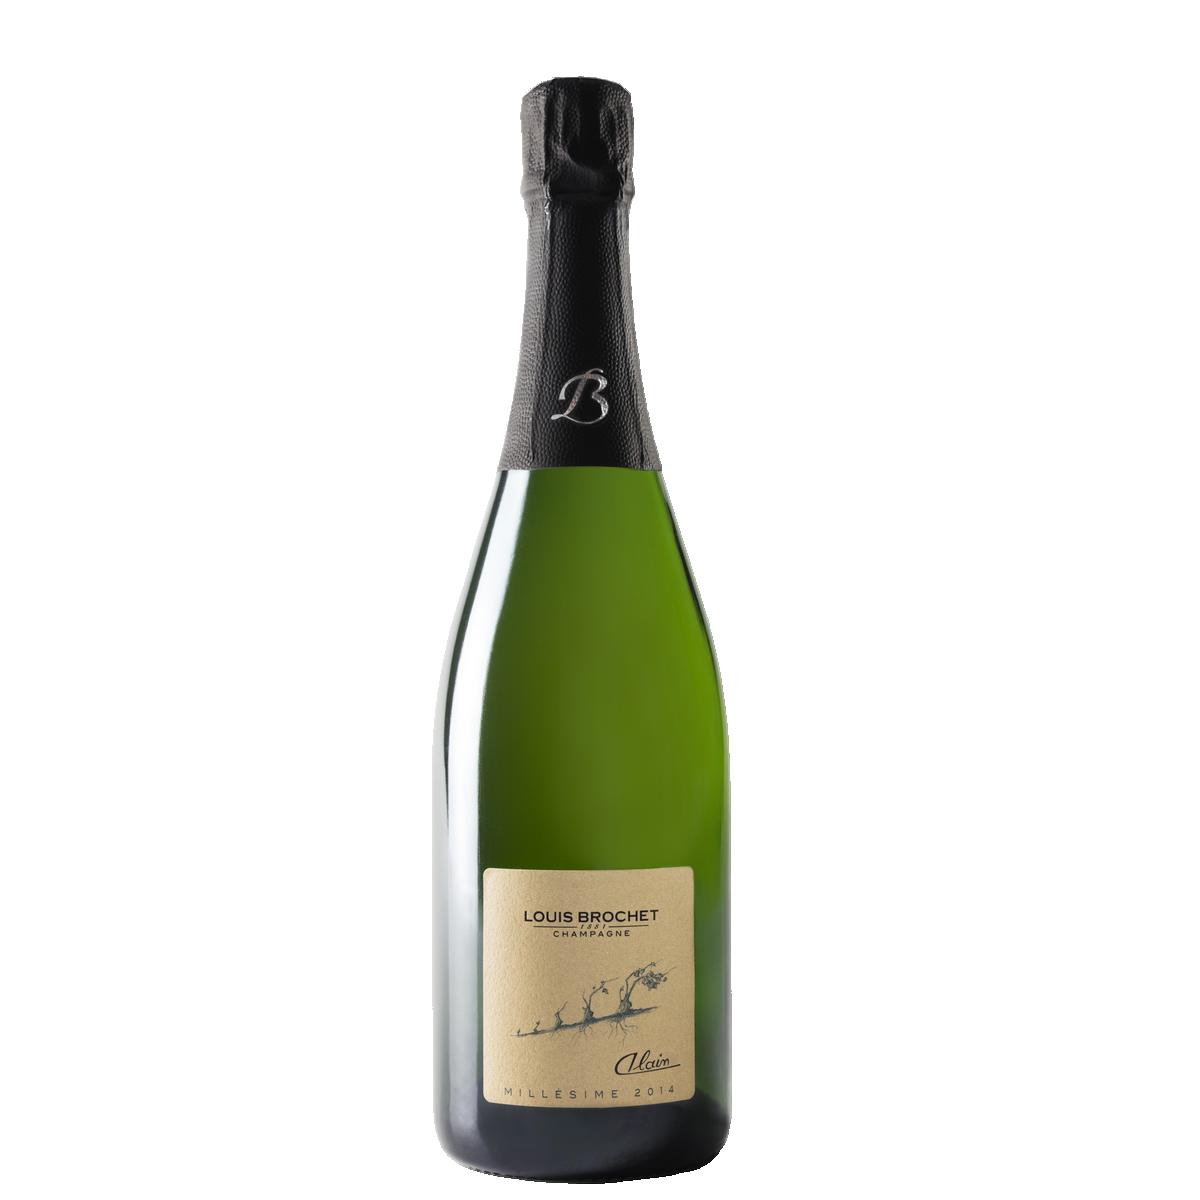 champagne Alain millésime 2014